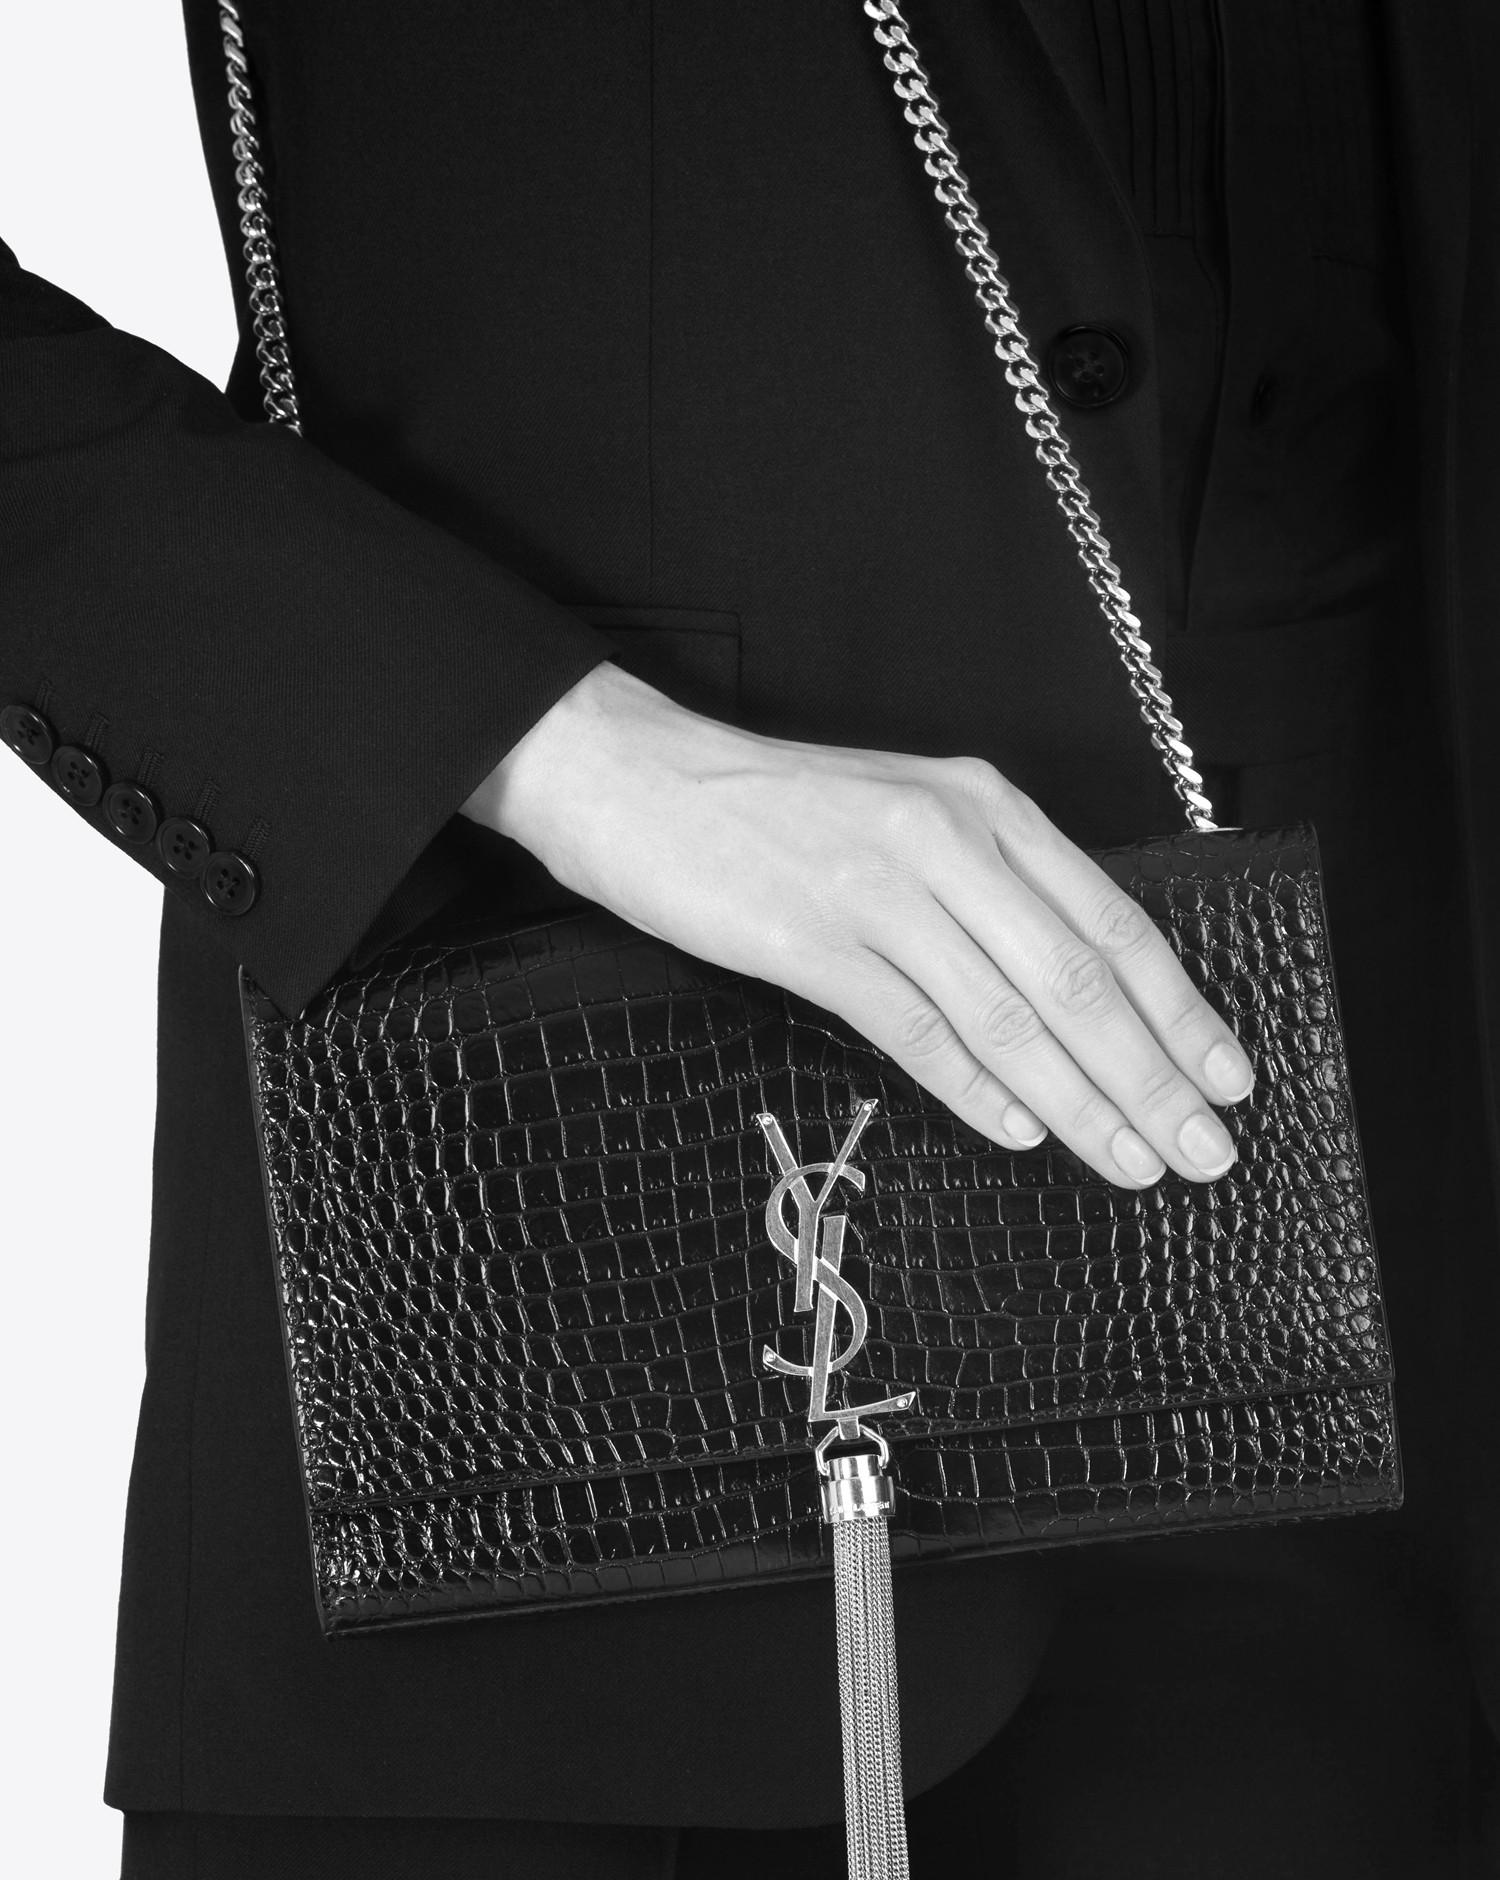 453b7db041 Saint Laurent Medium Kate Tassel Satchel In Dark Blue Crocodile Embossed  Shiny Leather